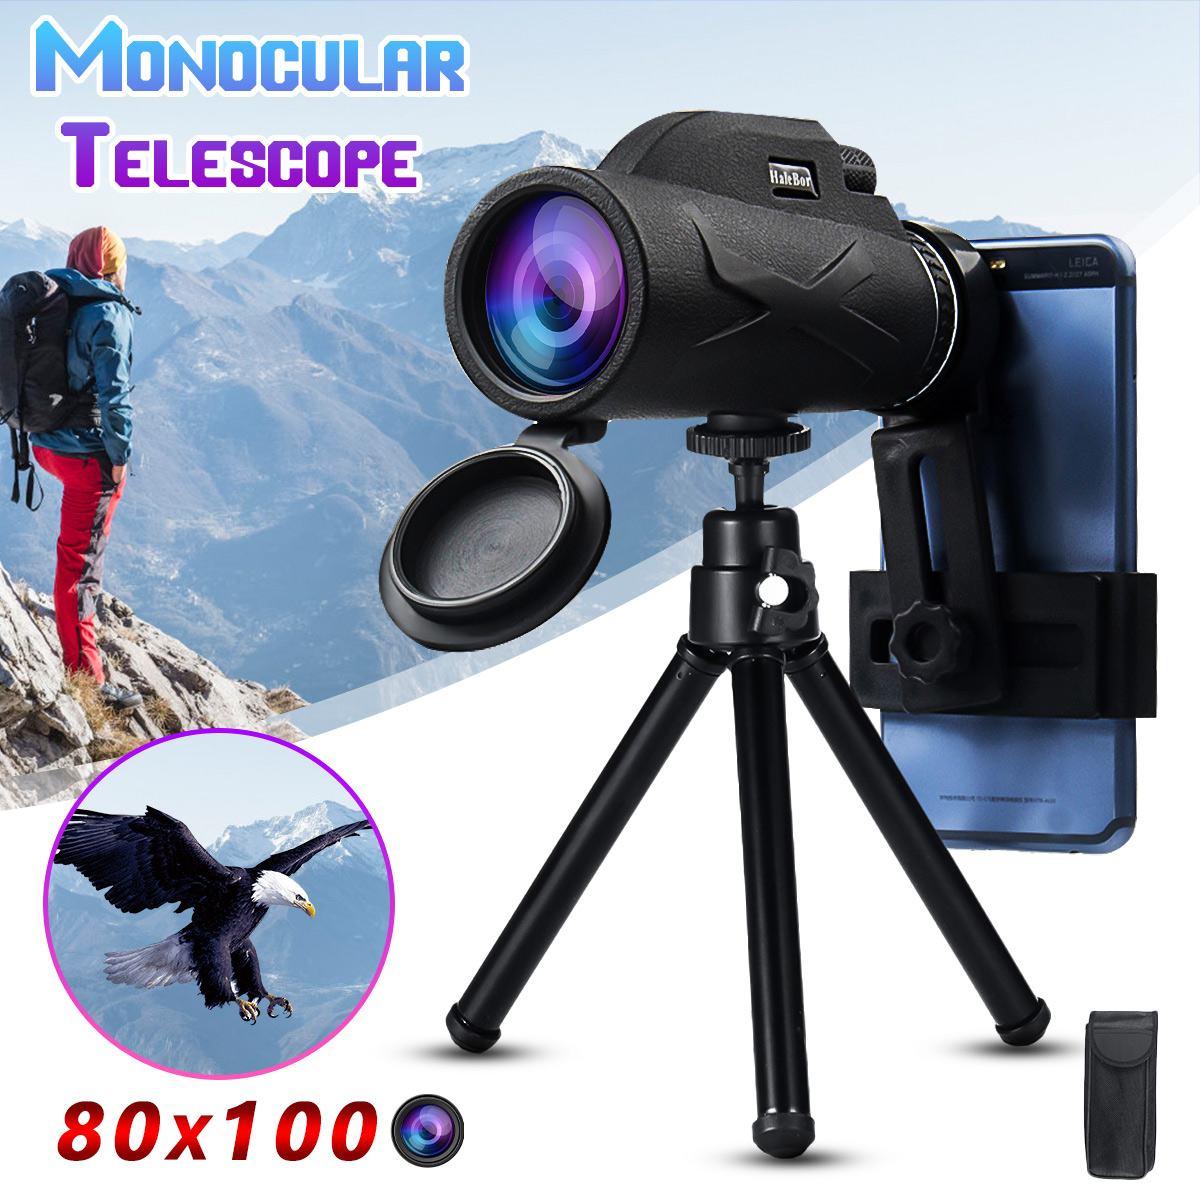 80x100 grossissement Portable monoculaire télescope jumelles Zoom grand télescope de poche militaire HD chasse puissante